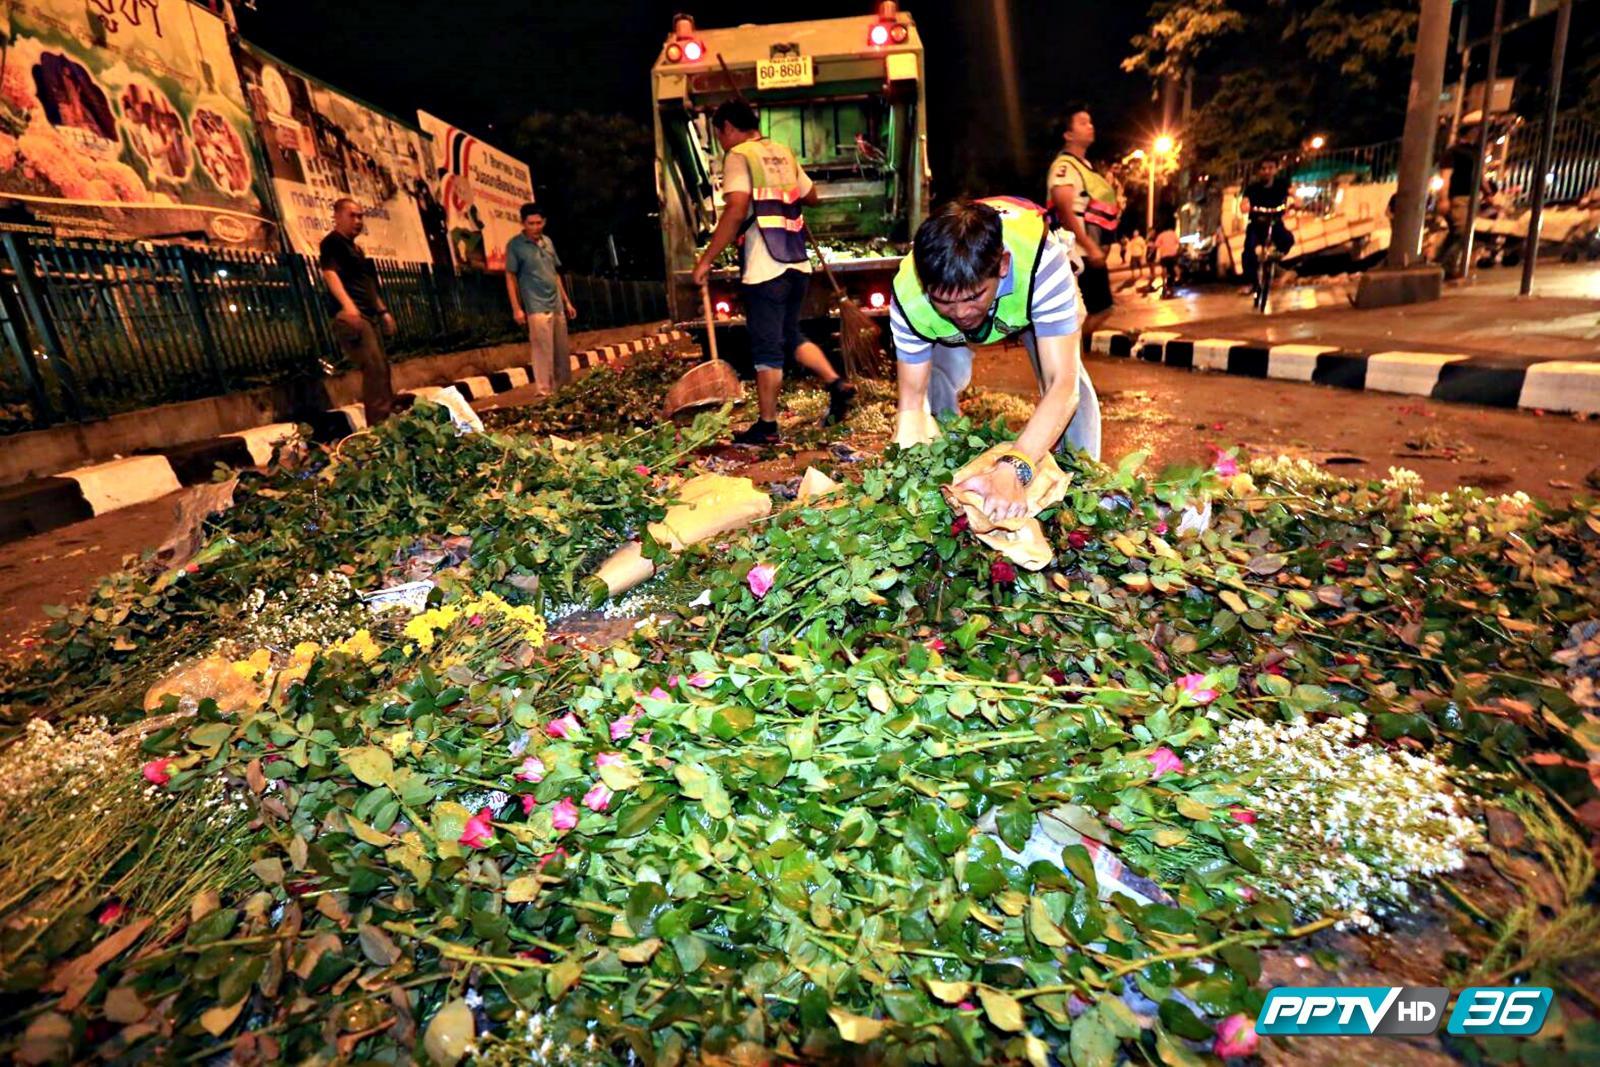 พ่อค้า-แม่ค้าปากคลองตลาด ไม่พอใจ จนท.นำดอกไม้เททิ้งเกลื่อนถนน !!!